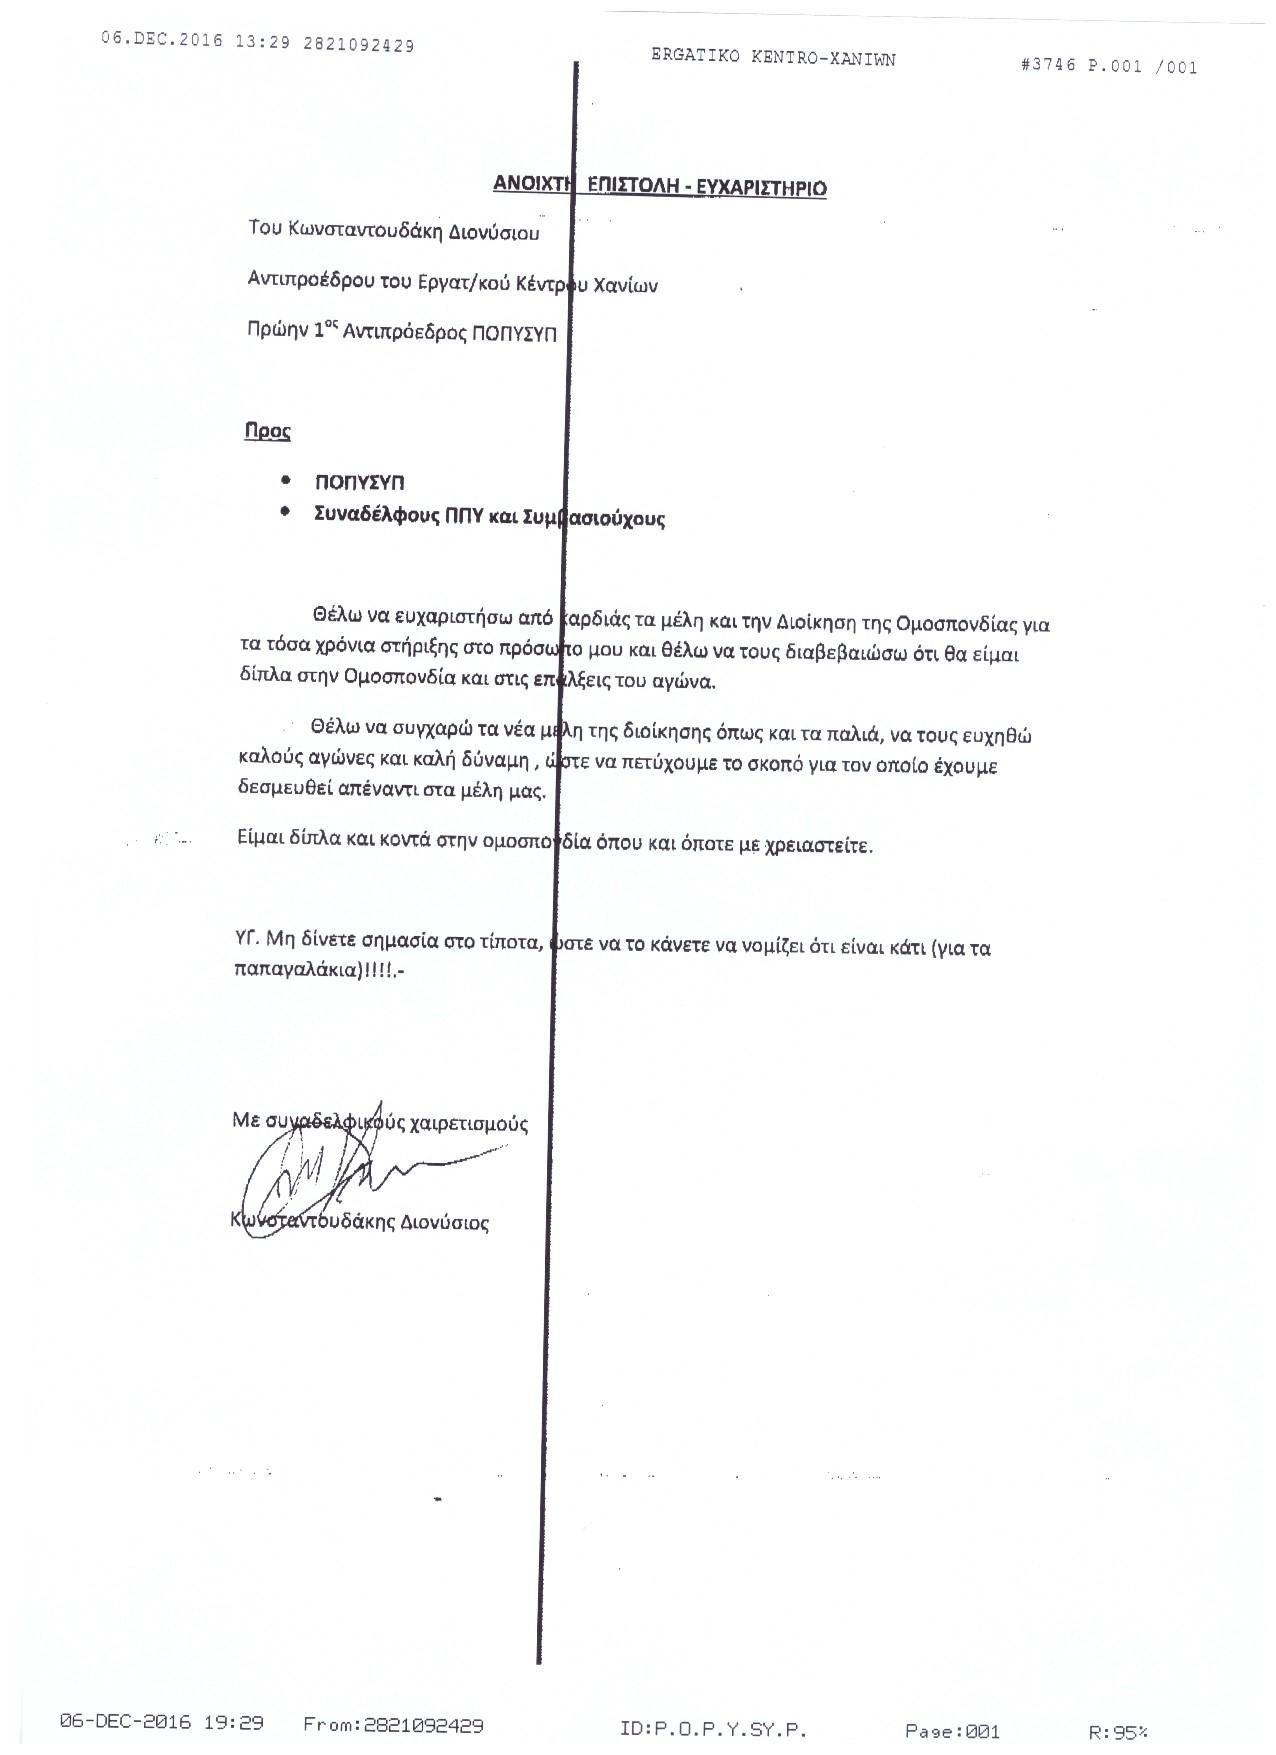 Αρ. Πρωτοκ. 1932 06.12.2016 Ανοιχτή Επιστολή Ευχαριστήριο απο Κωνσταντουδάκη Διονύσιο